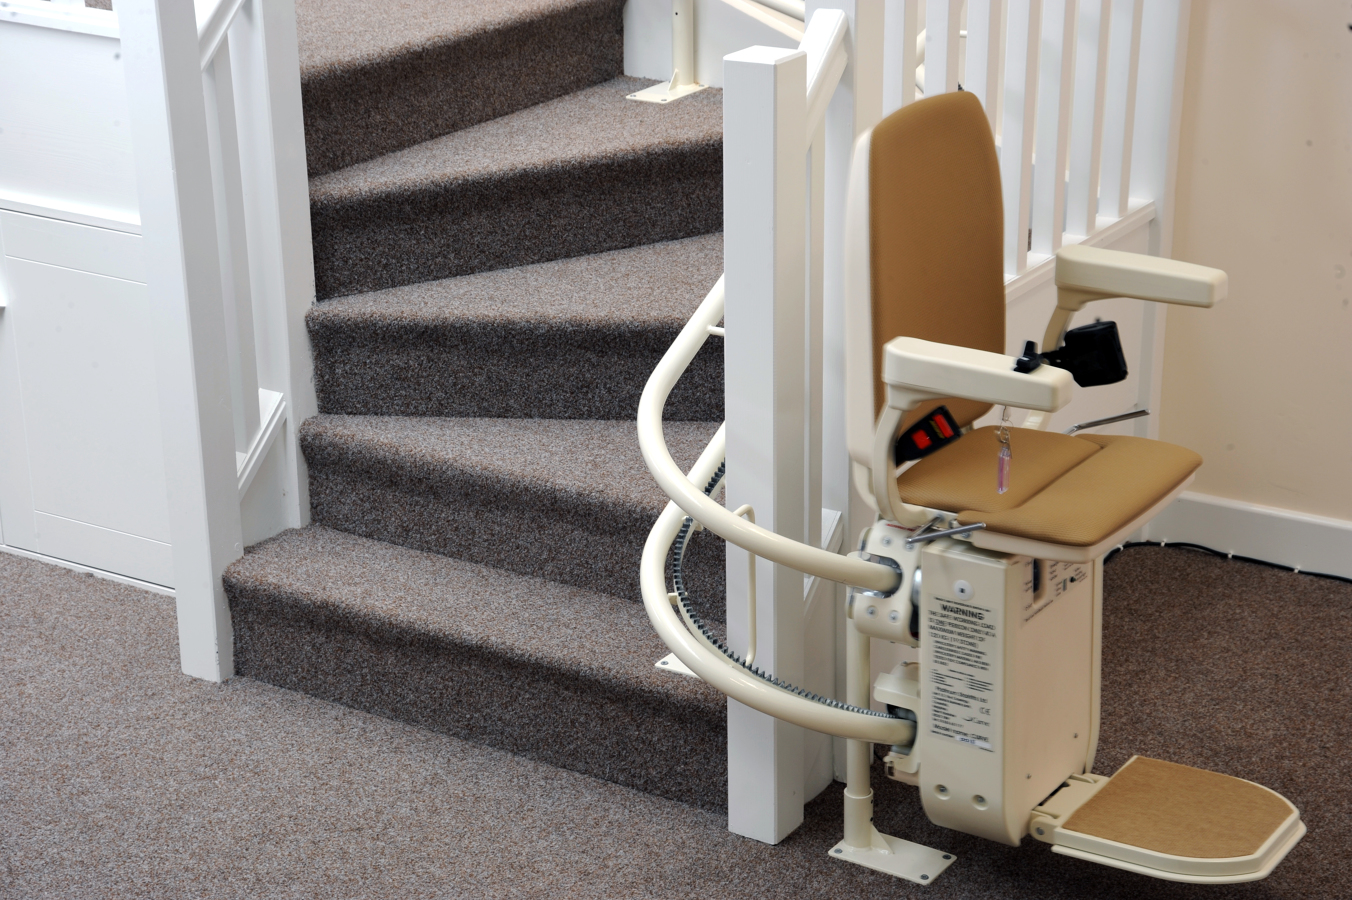 Foto silla salvaescaleras de verticala vida s l 224804 for Silla salvaescaleras